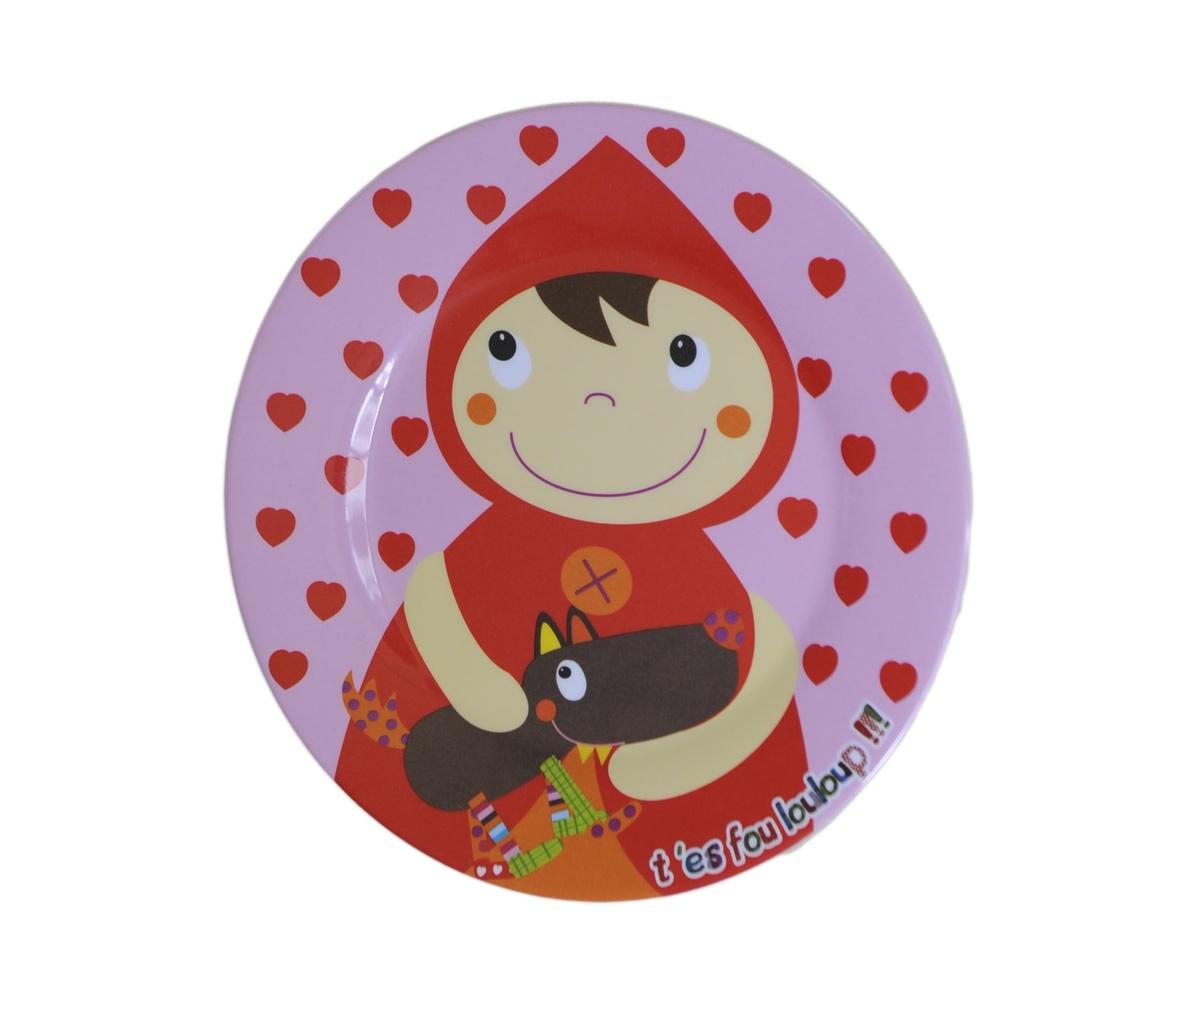 Тарелка детская Ebulobo Красная ШапочкаE21040Тарелочка полная разных цветов. Малыш будет с радостью съедать содержимое тарелки, чтобы увидеть яркую картинку на дне .